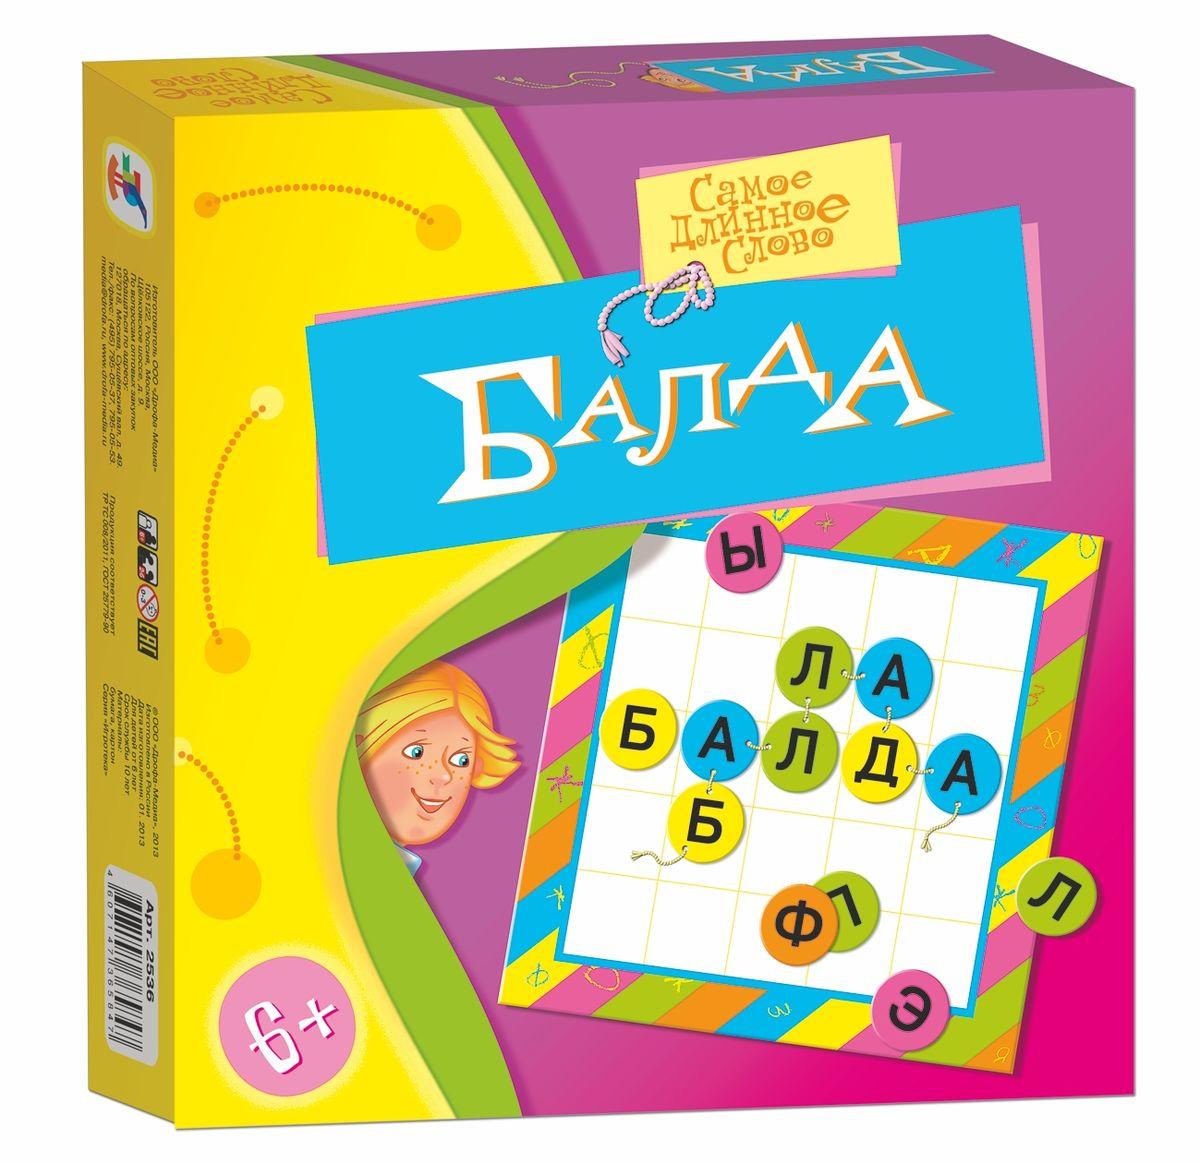 Дрофа-Медиа Настольная игра Балда2536Настольная игра Балда позволит ребенку весело и увлекательно провести свободное время. Суть игры - составить слова из букв, набрать очки, выигрывает самый начитанный и умный игрок! Балда развивает память, мышление, пополняет словарный запас, идеально подходит для игры с вашим ребенком и его развития! Игра позволит весело провести время не только детям, но и взрослым. Настольная игра Балда станет незаменимым подарком вашим близким и родным людям!